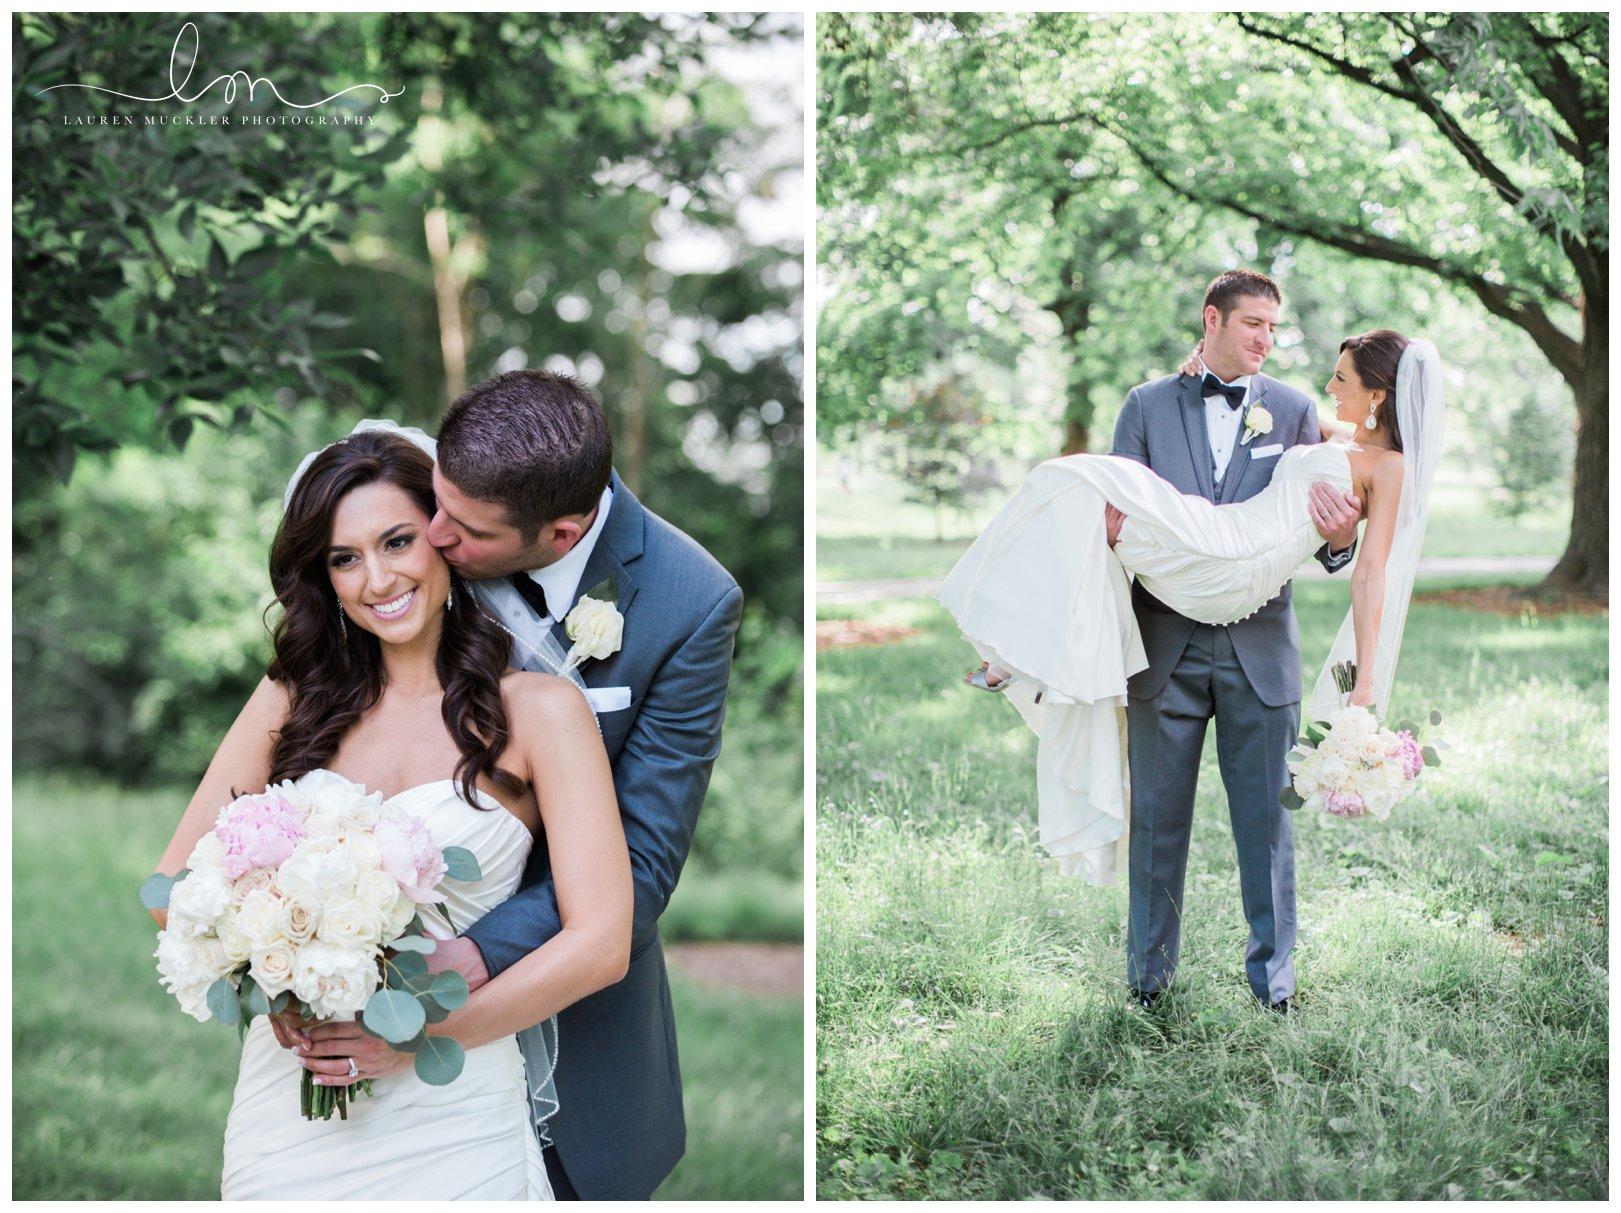 lauren muckler photography_fine art film wedding photography_st louis_photography_0268.jpg